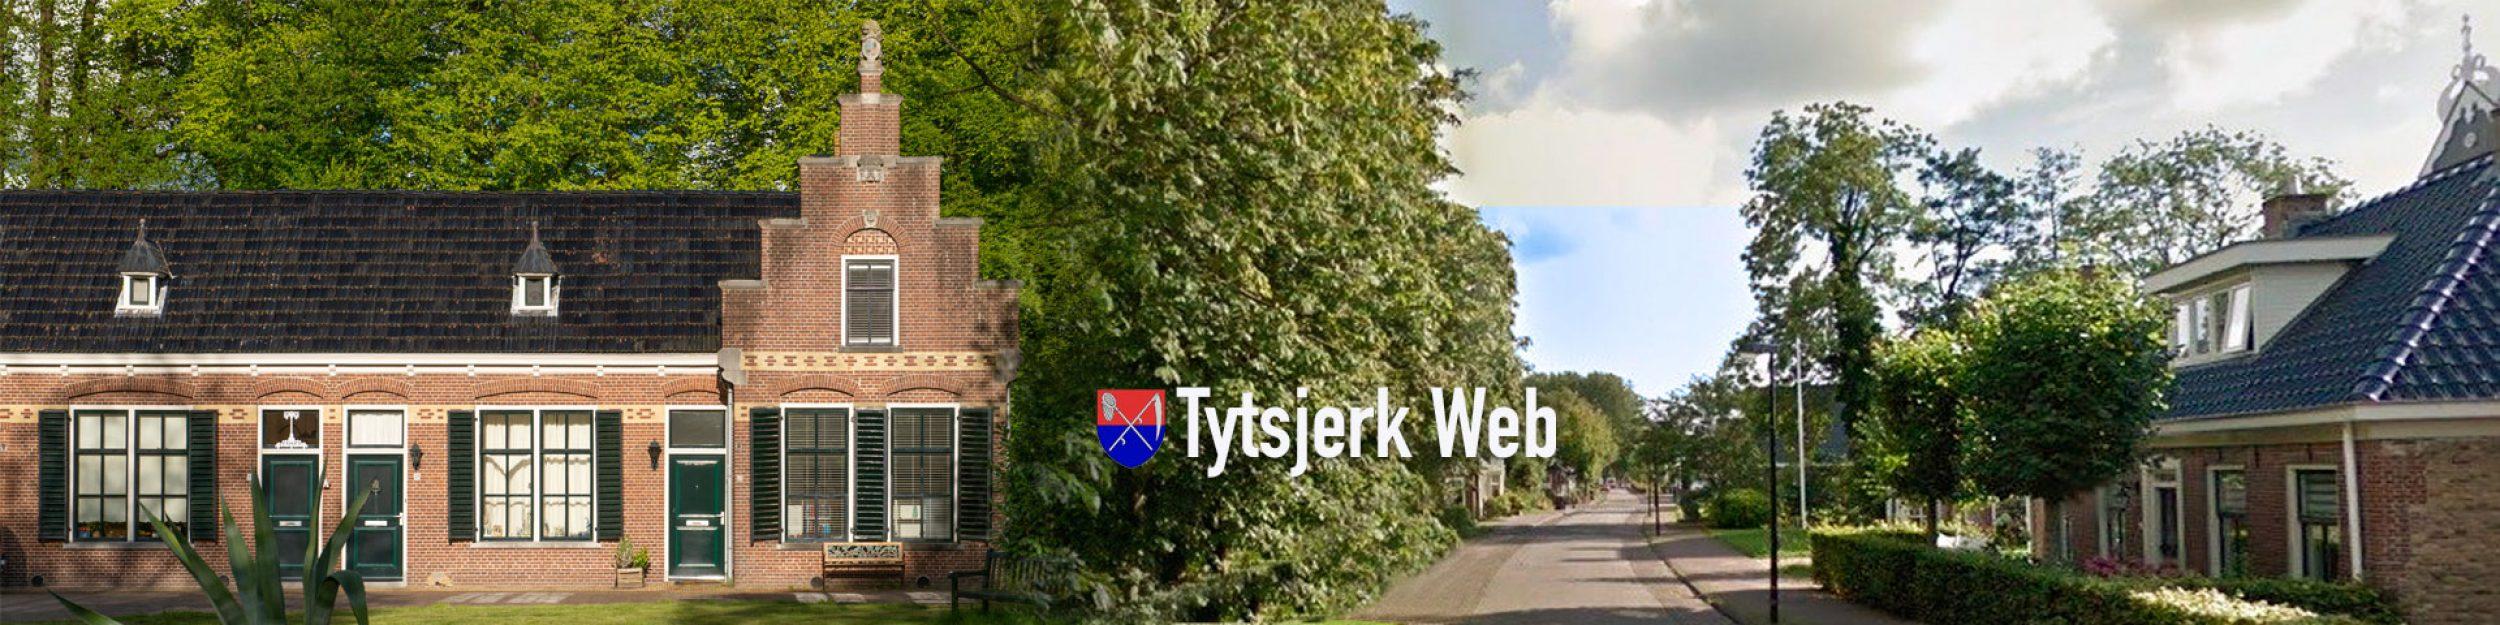 Tytsjerk Web